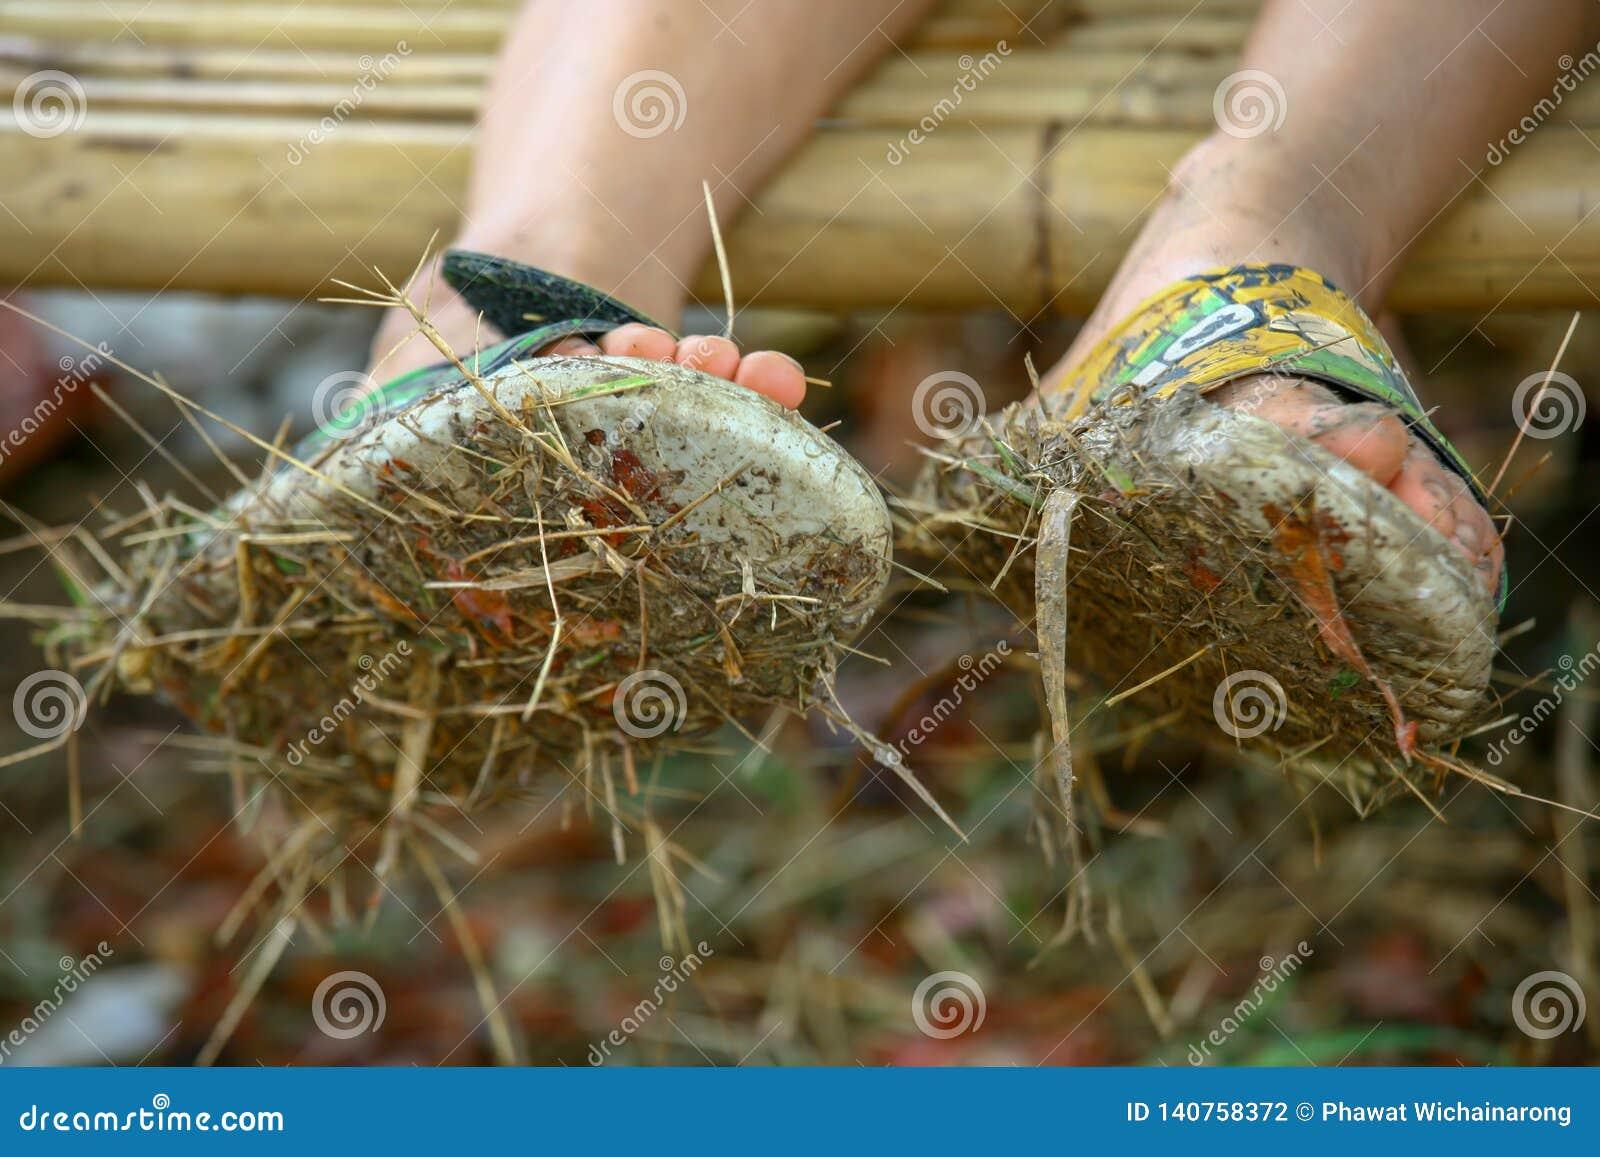 Plan rapproché des paires de sandales sales pleines de la boue et du foin portés par un garçon s asseyant sur un banc en bambou